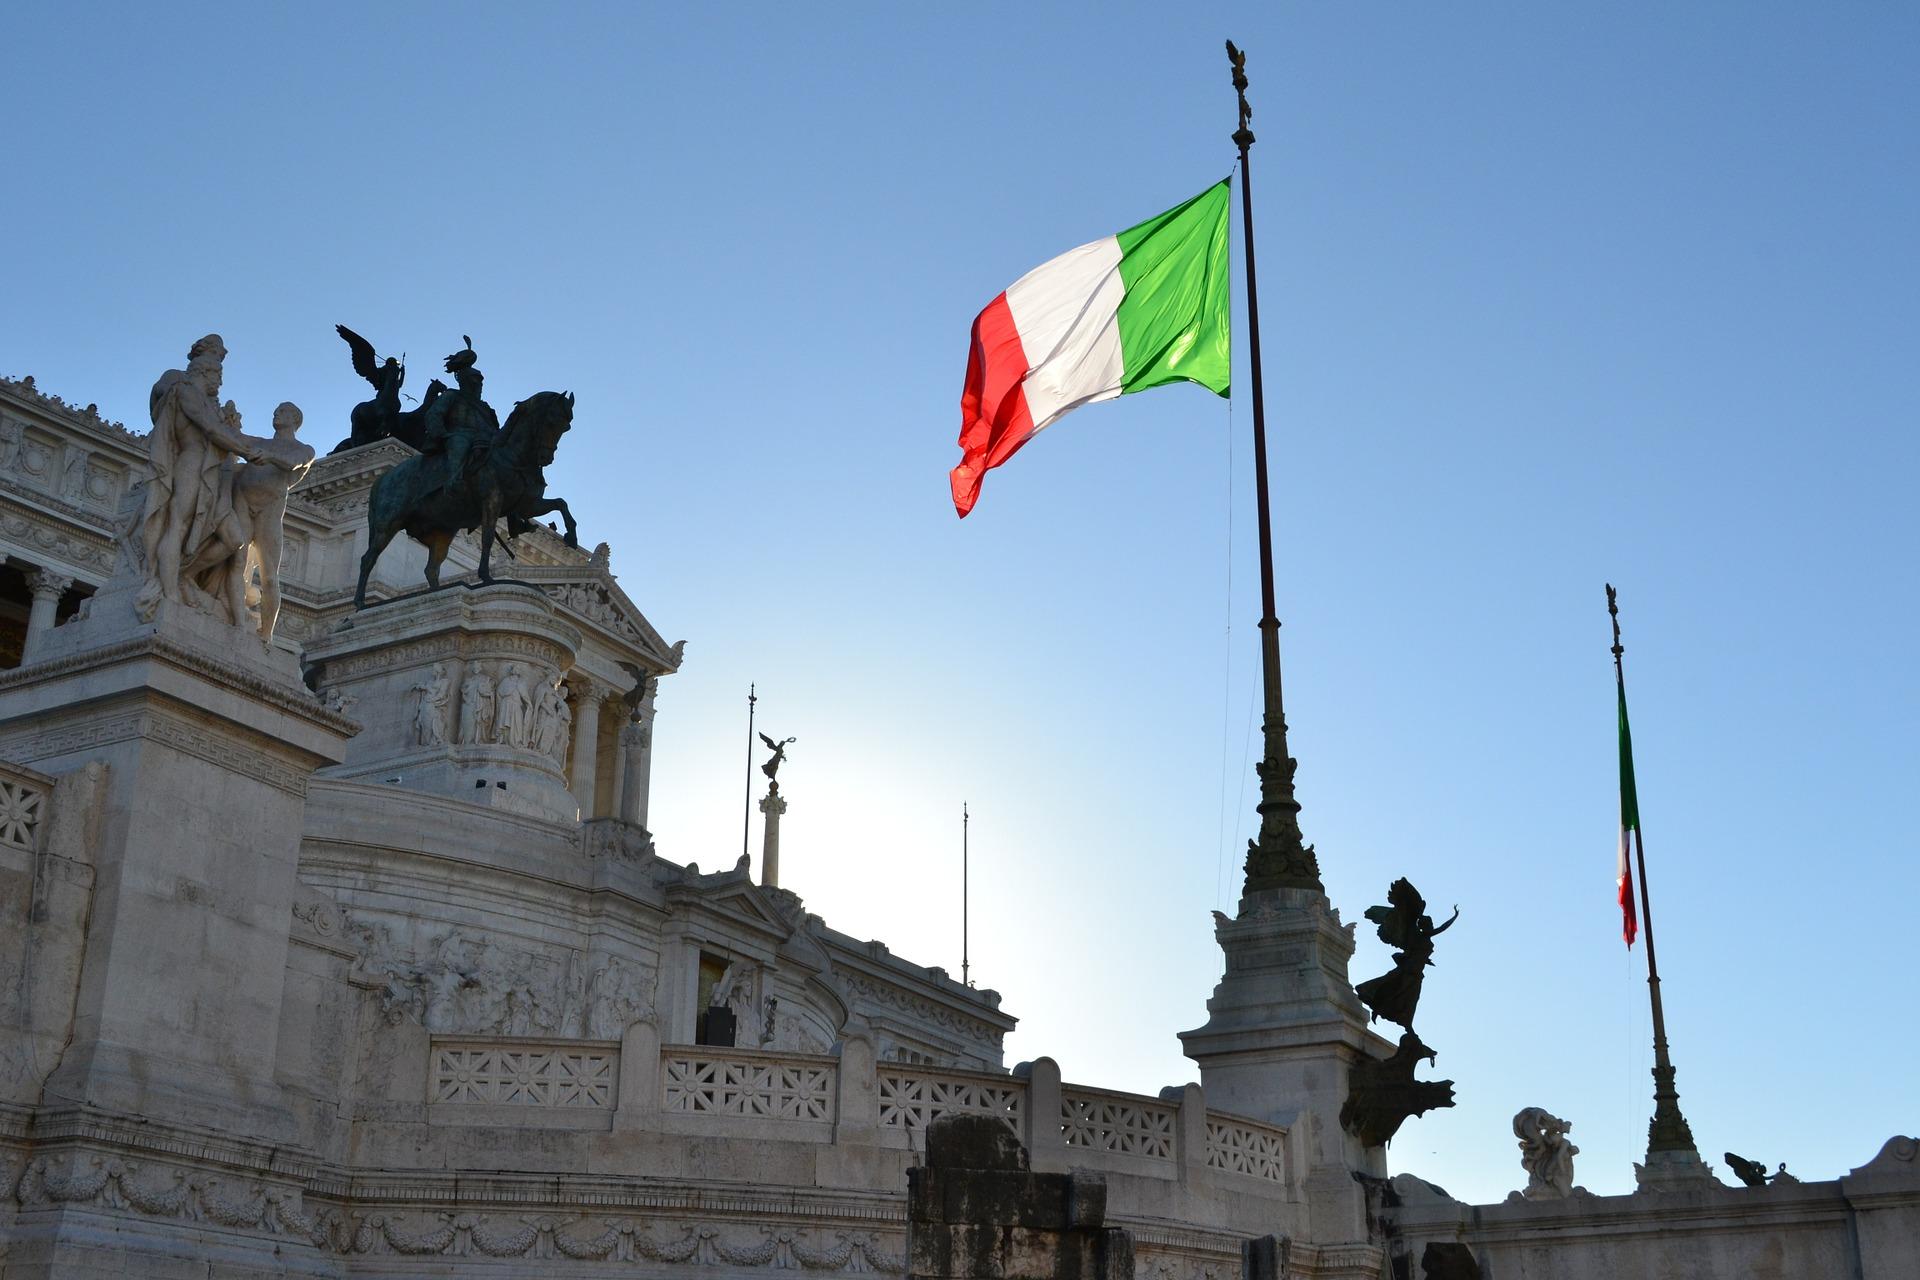 イタリア国旗とローマ